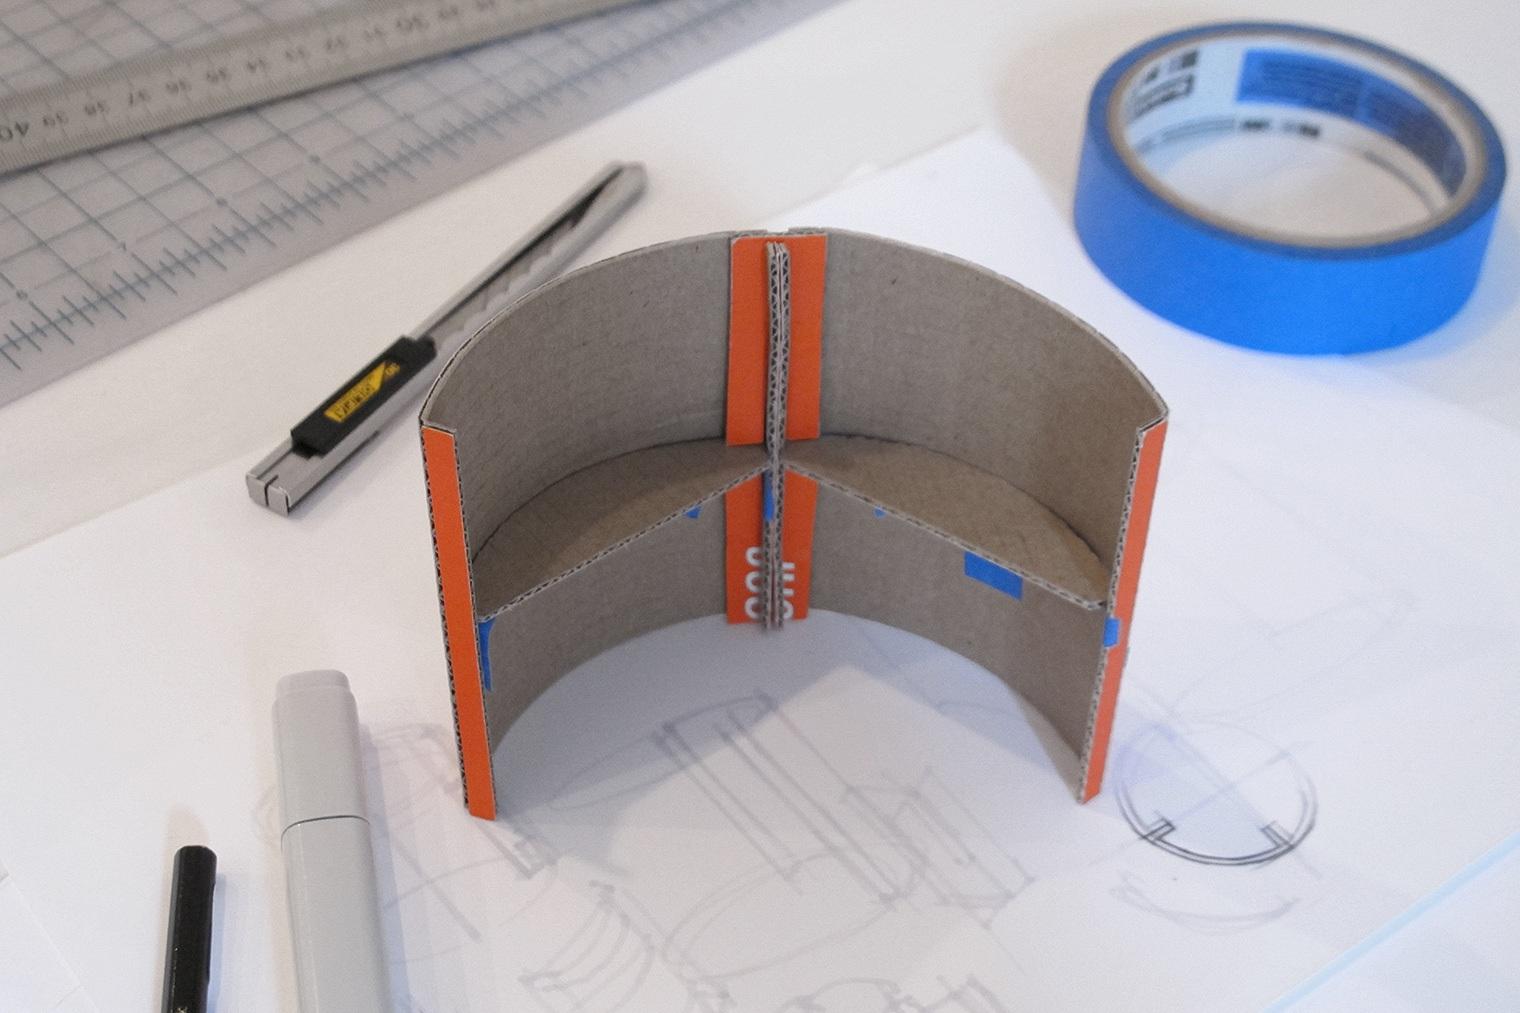 reactable-prototype.jpg